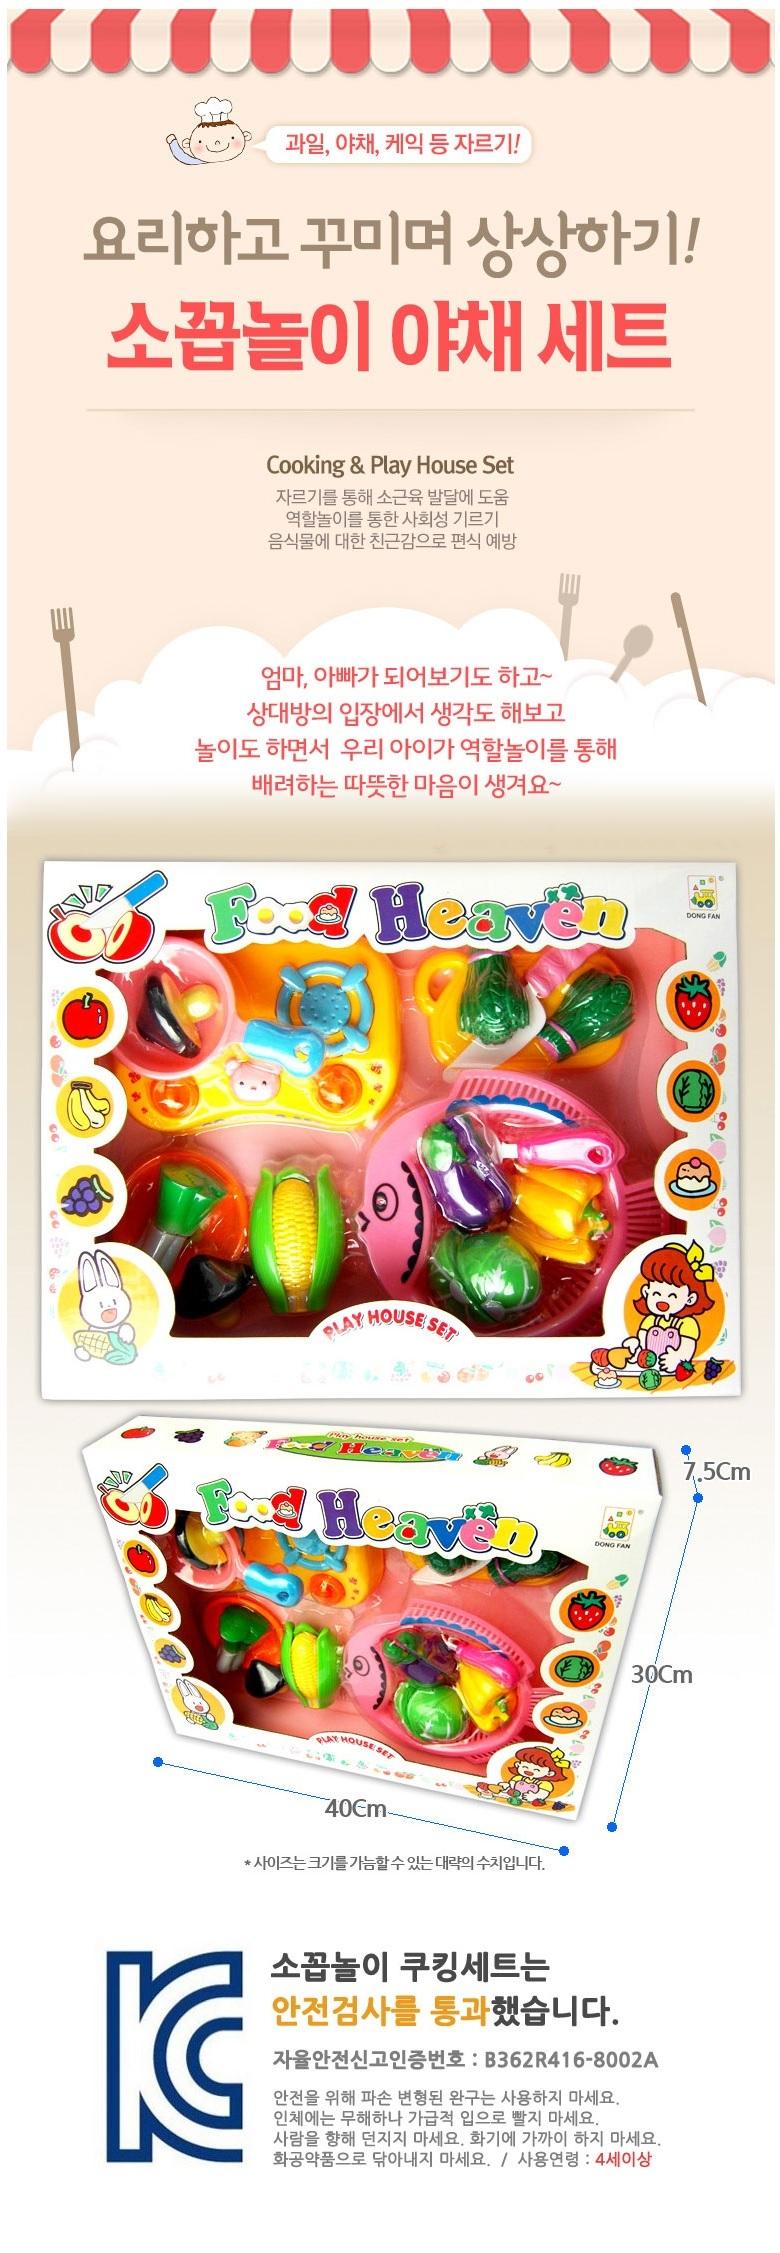 (SAF소꼽놀이 야채세트중 완구 장난감 역할놀이 소꿉완구 소꿉장난감 소꿉놀이완구 소꿉놀이장난감 역할놀이완구 역할놀이장난감 소꿉놀이세트